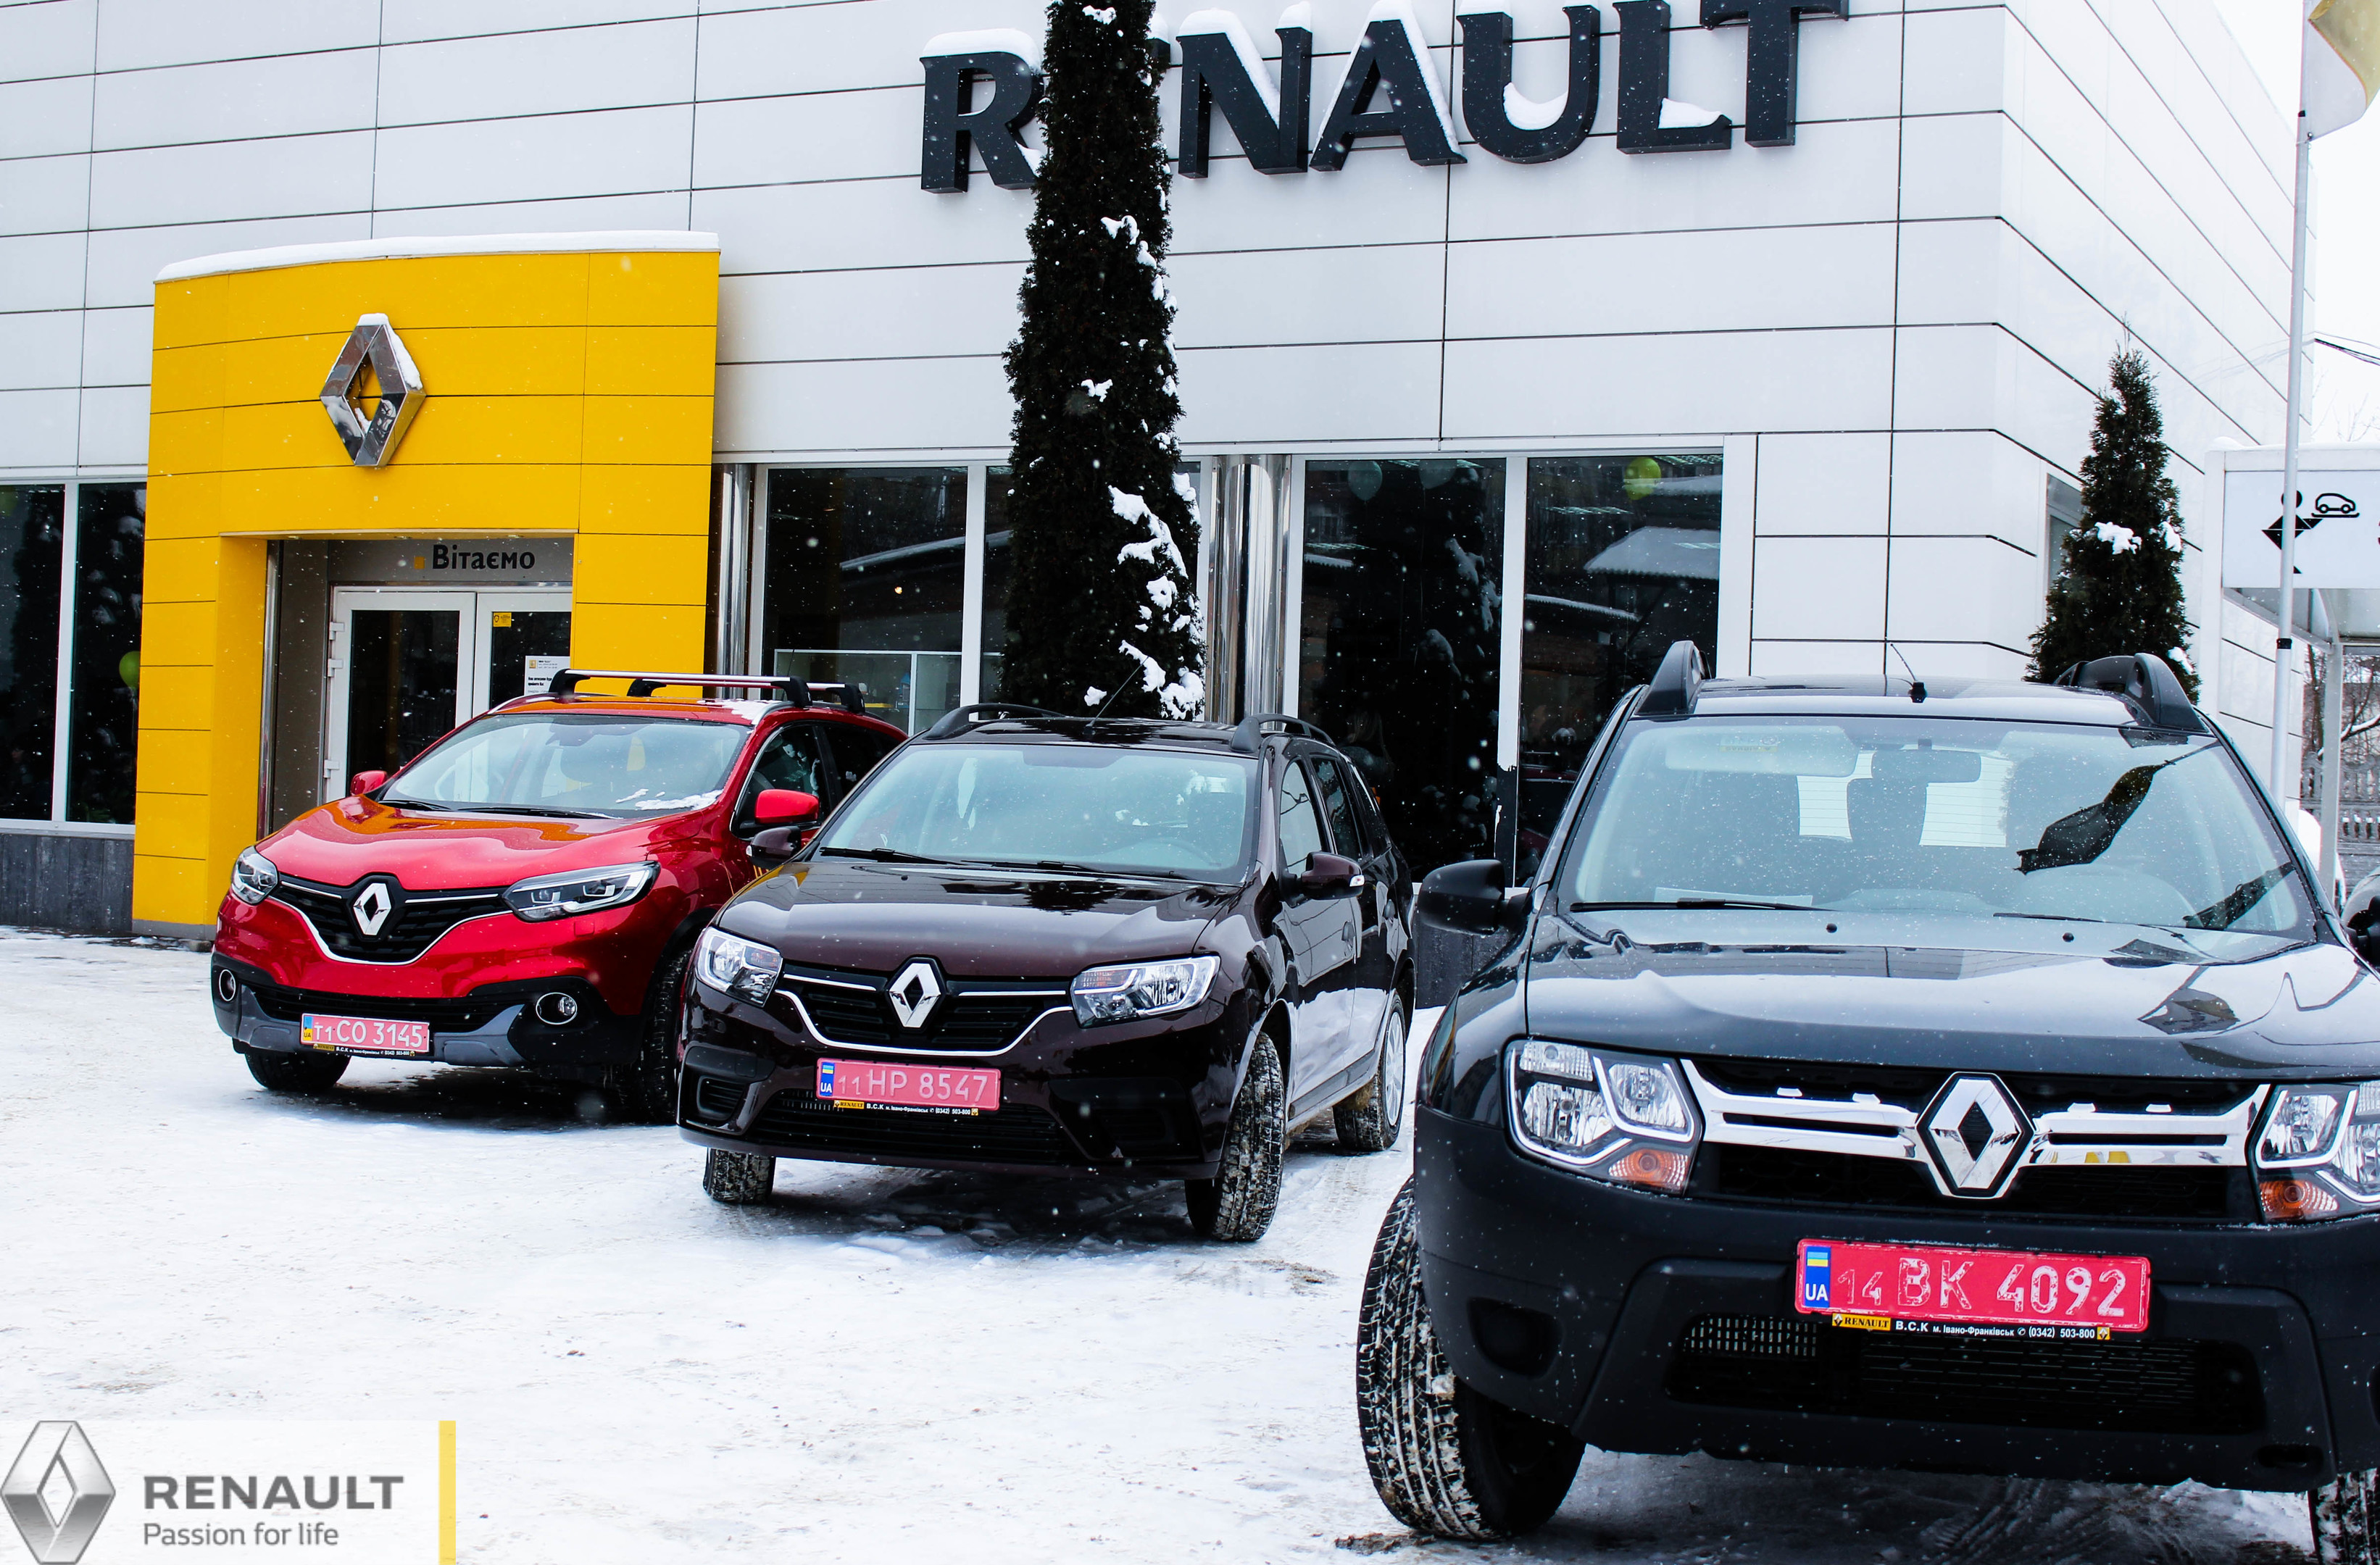 Renault-1.jpg